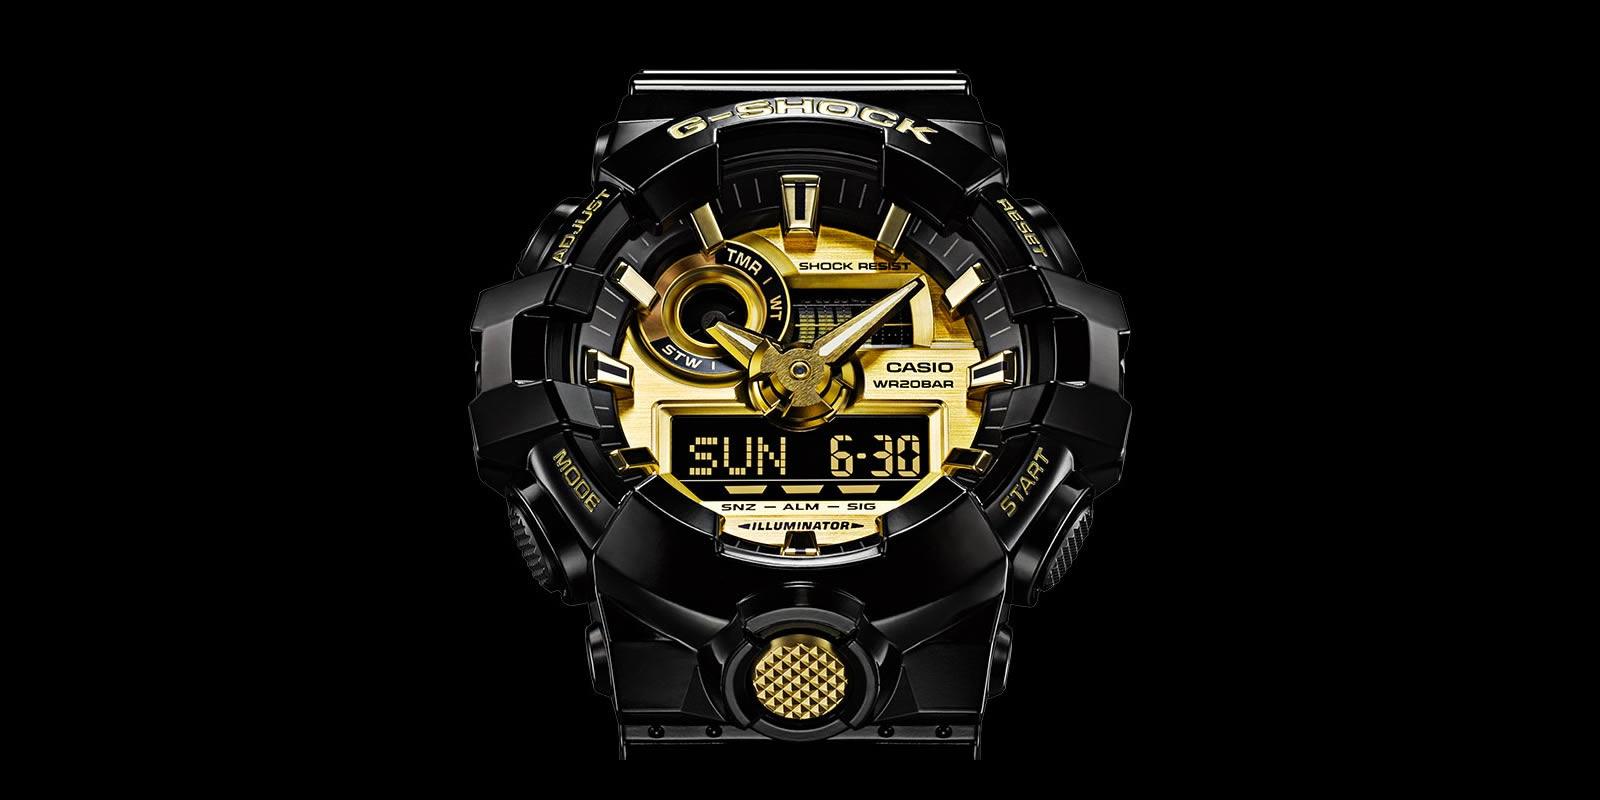 mister-watch-orologeria-gioielleria-biella-borgomanero-orologio-g-shock-GA-710GB-1AER